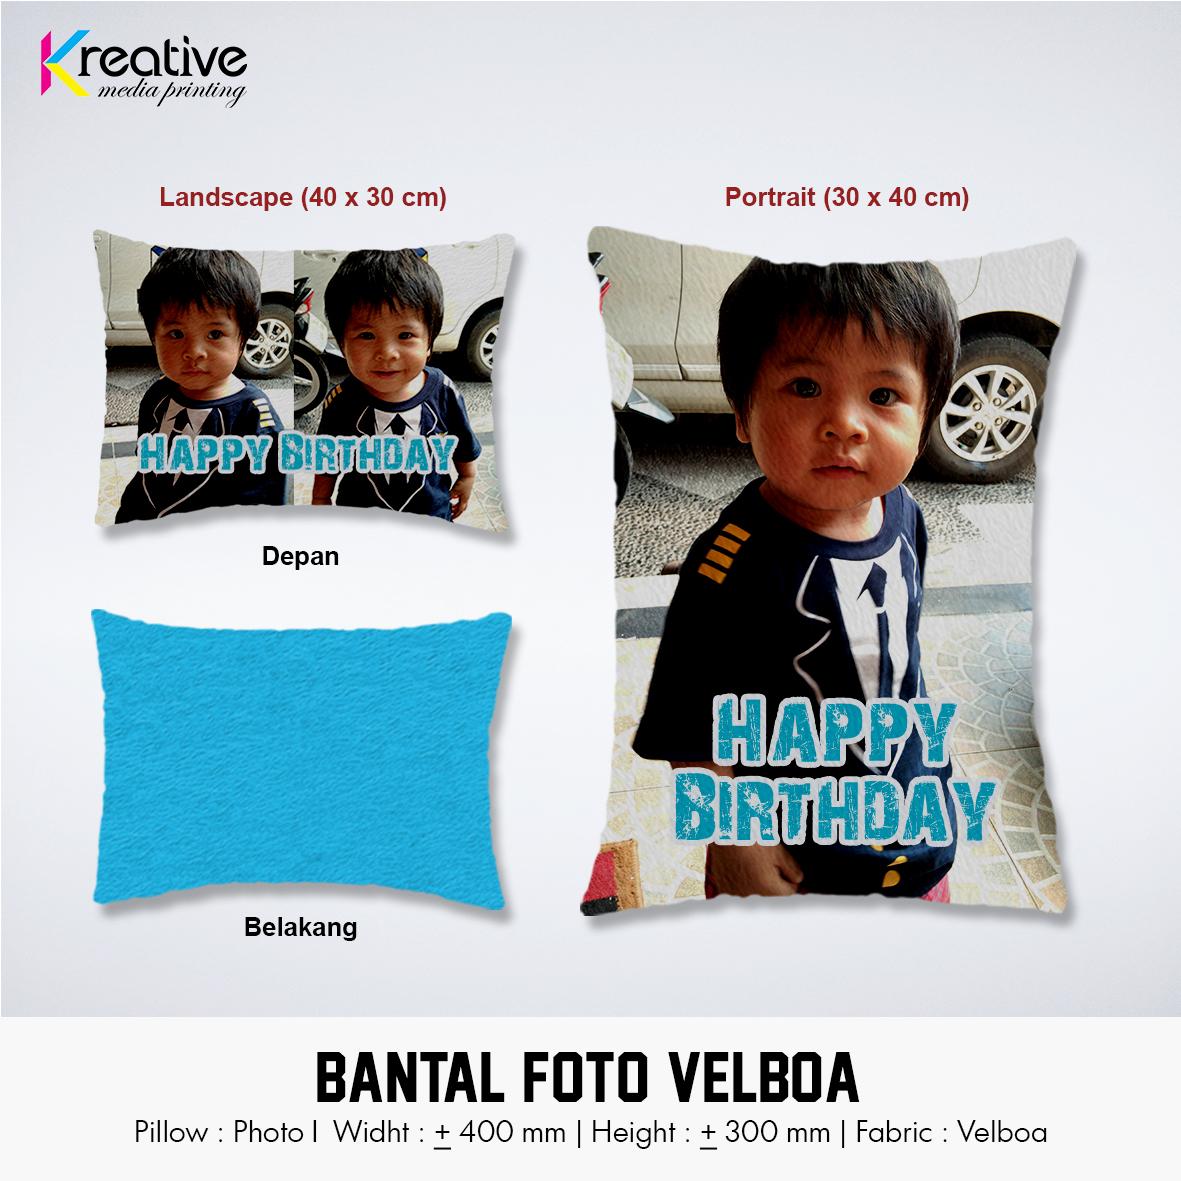 Bantal Foto Velboa (2)